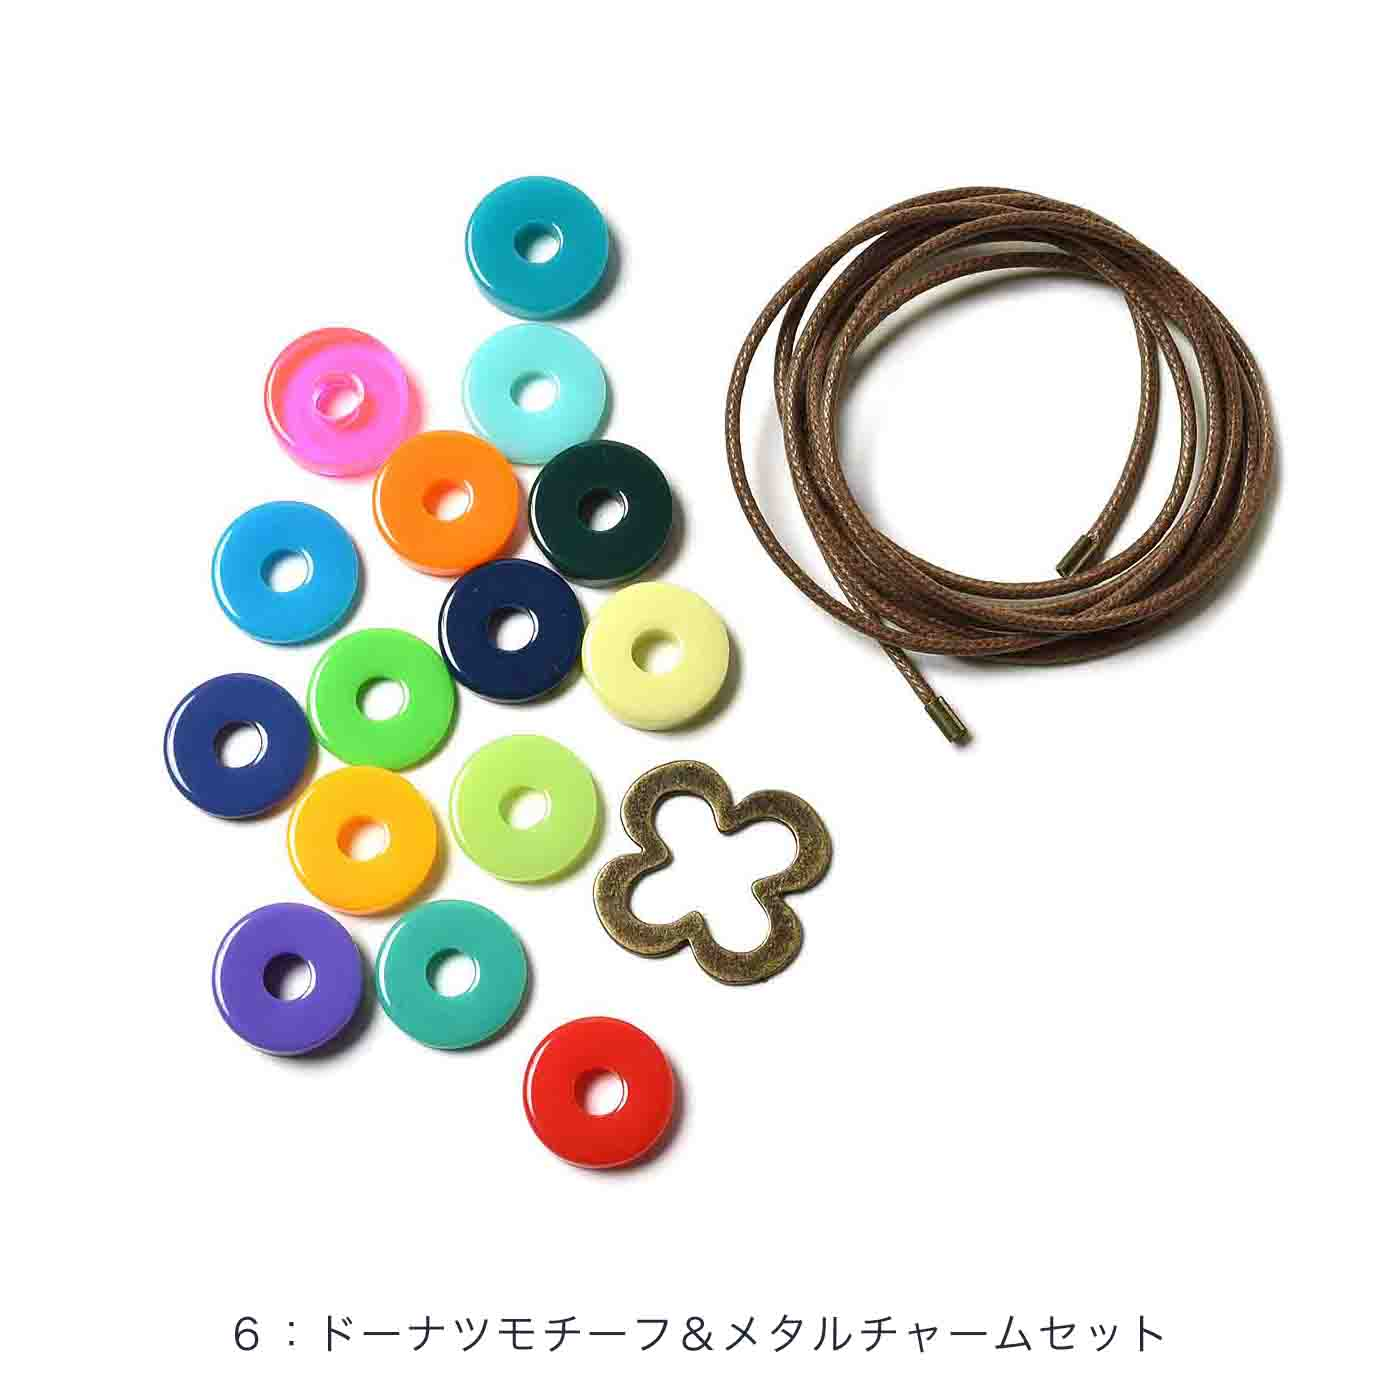 色とりどりのドーナツモチーフとメタルチャームの組み合わせが斬新。モチーフの並べ方&通し方でアレンジ自在。ドーナツ形モチーフ:直径約1.5cm(厚さはいろいろです)、メタルチャーム:約2.5×2.5cm、ひも:全長約110cm